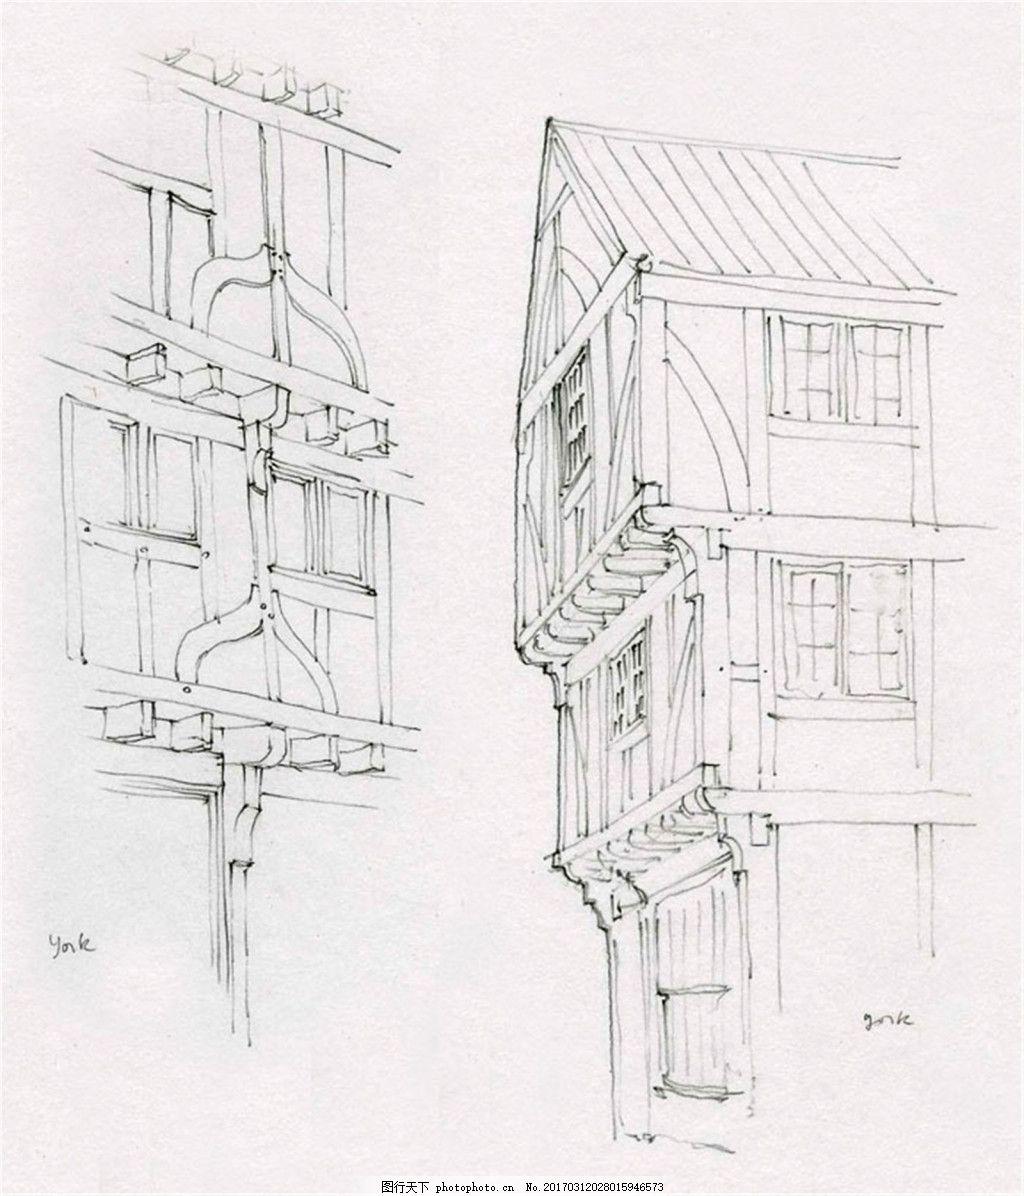 线条欧式建筑效果图 建筑平面图素材免费下载 手绘图 图纸 城堡